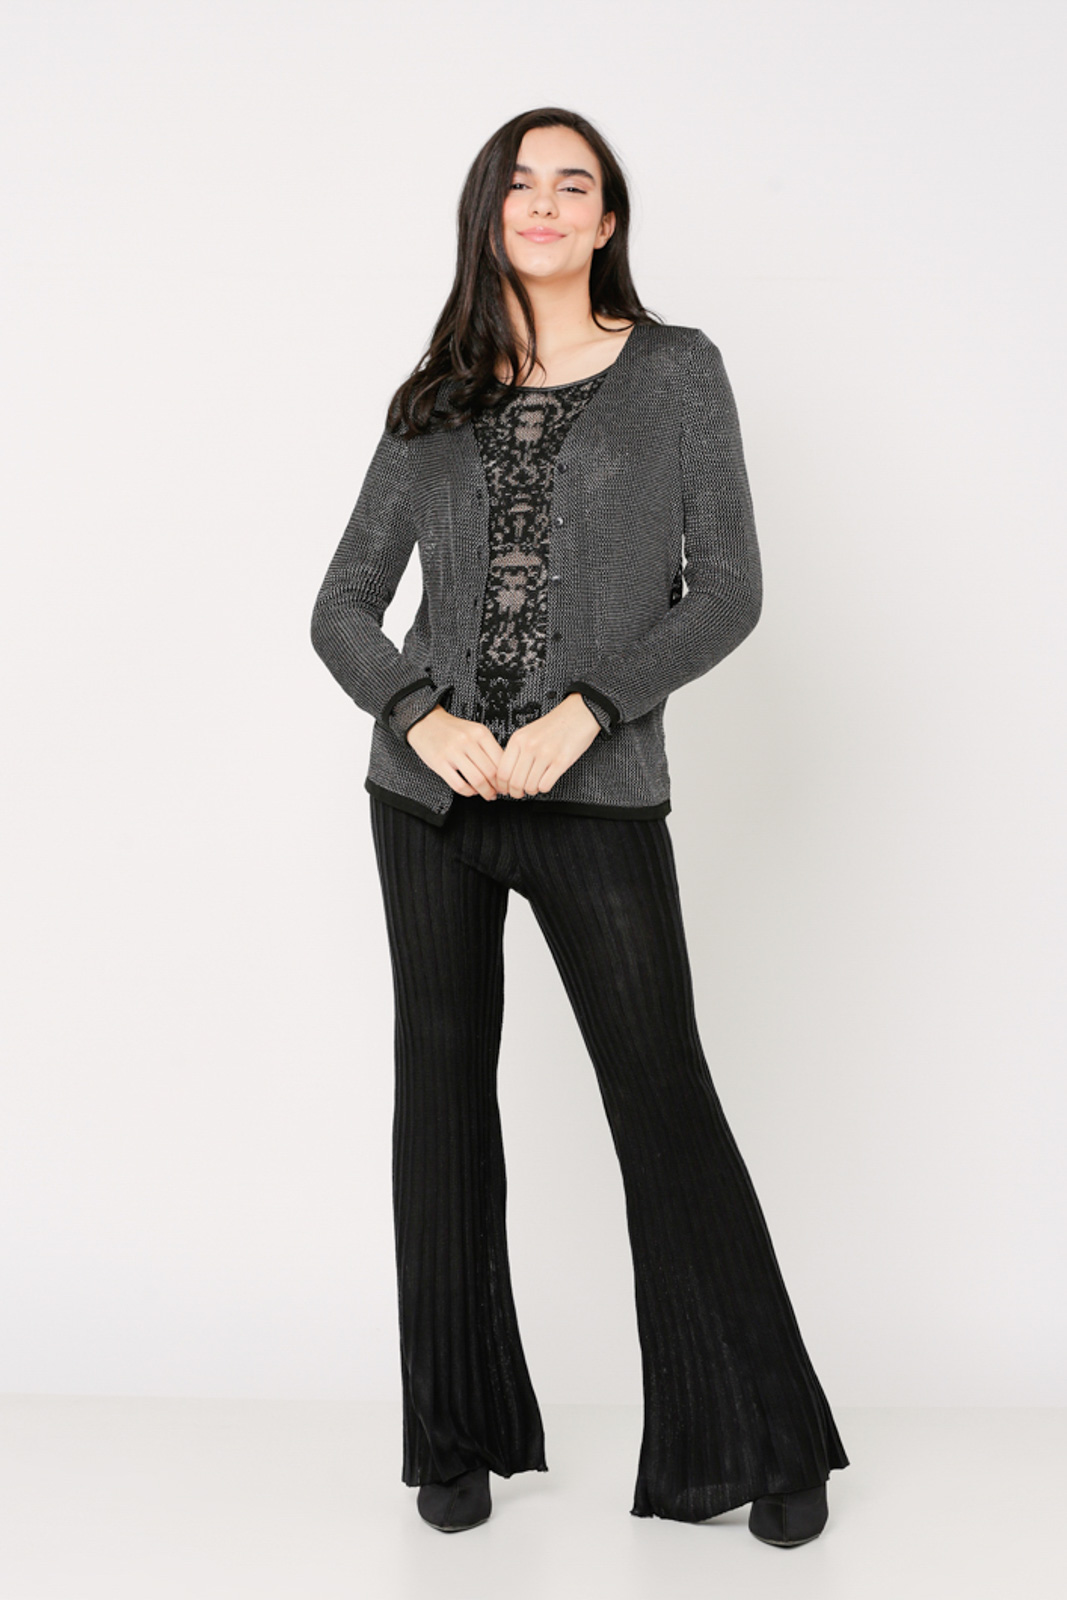 Conjunto de tricot Ralm twinset casaco de botões e blusa manga longa rendadada floral - Preto